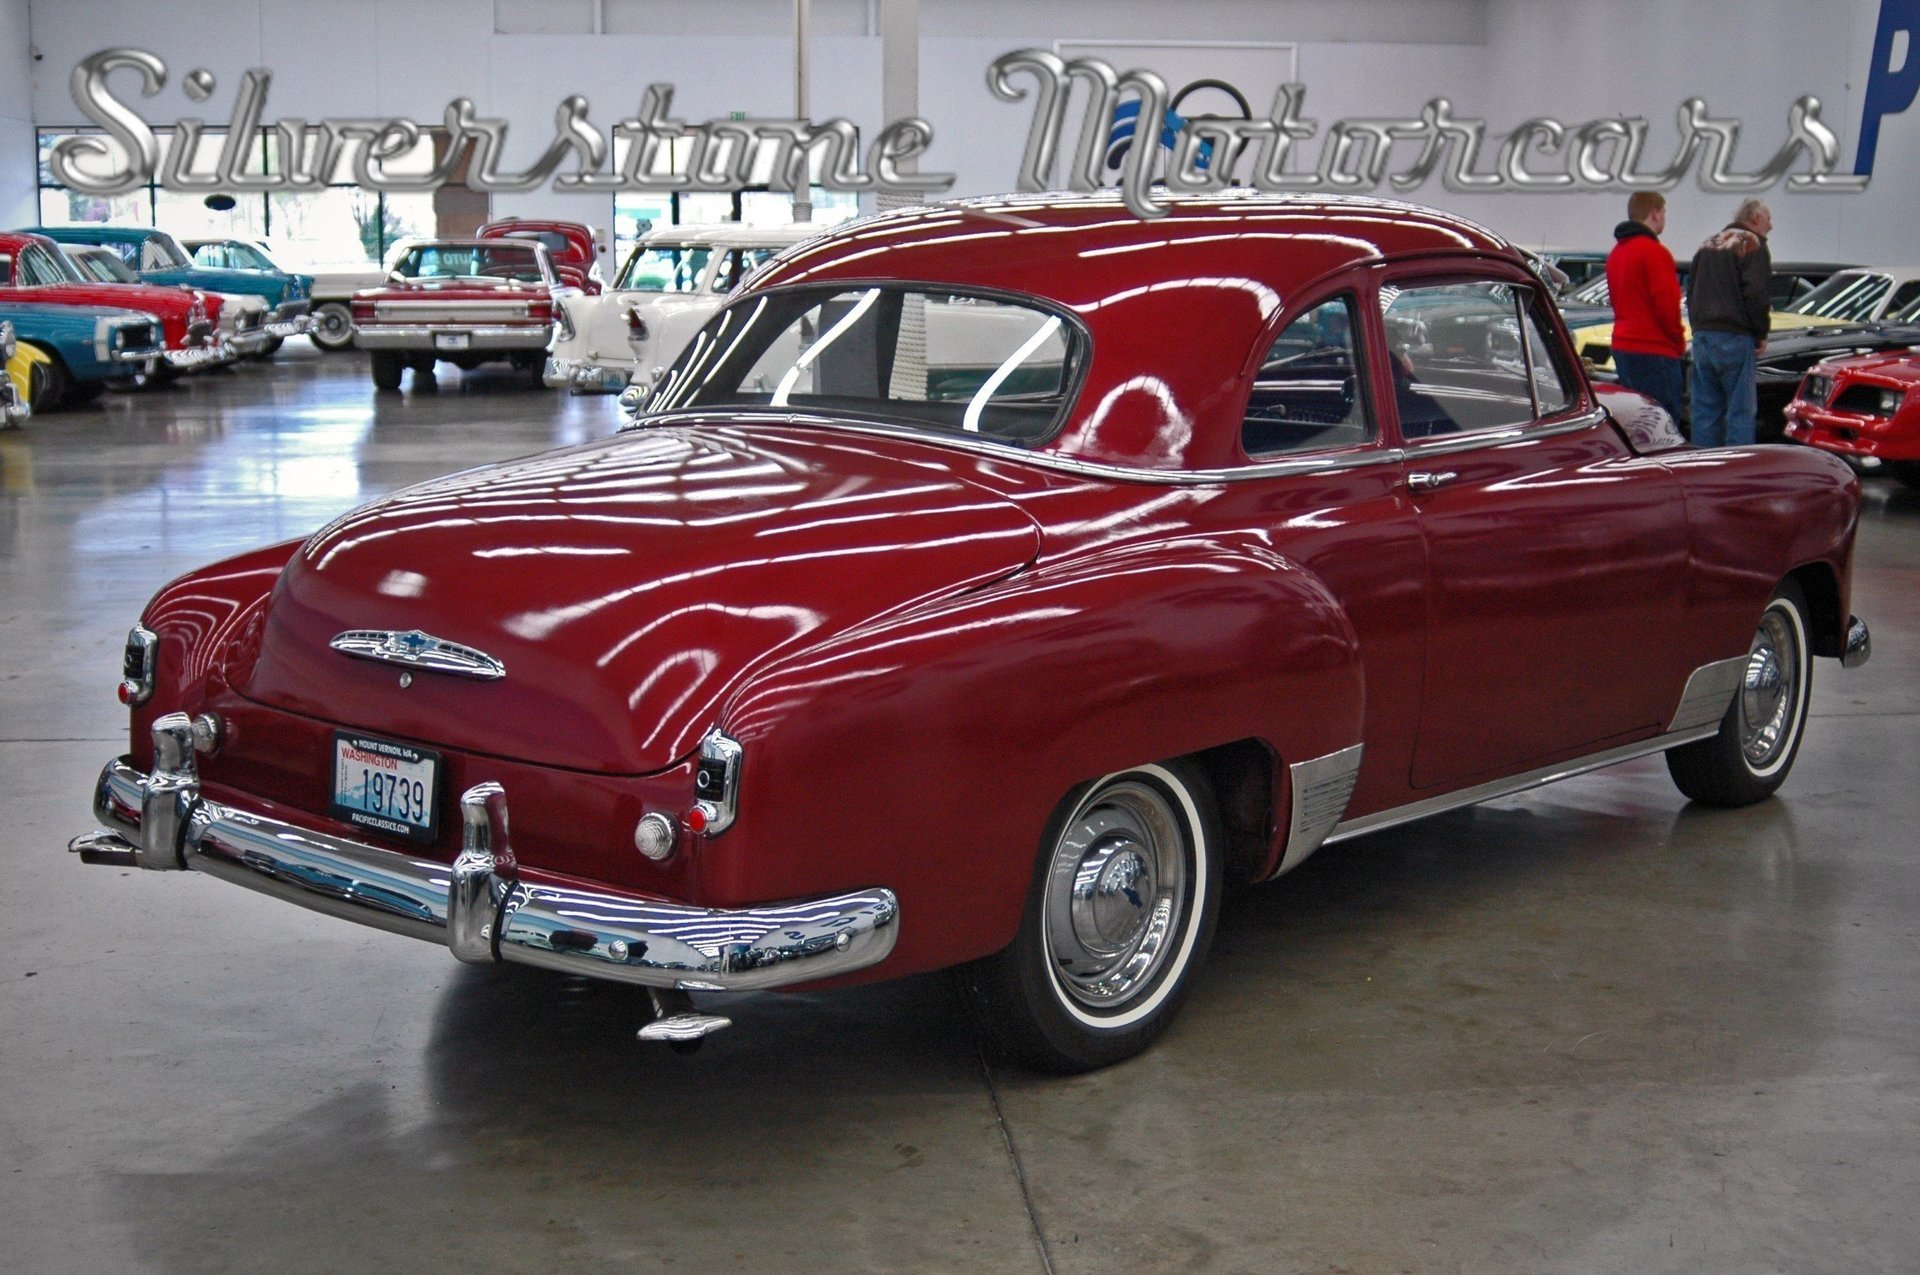 1951 Chevrolet Bel Air Silverstone Motorcars 2 Door Hardtop